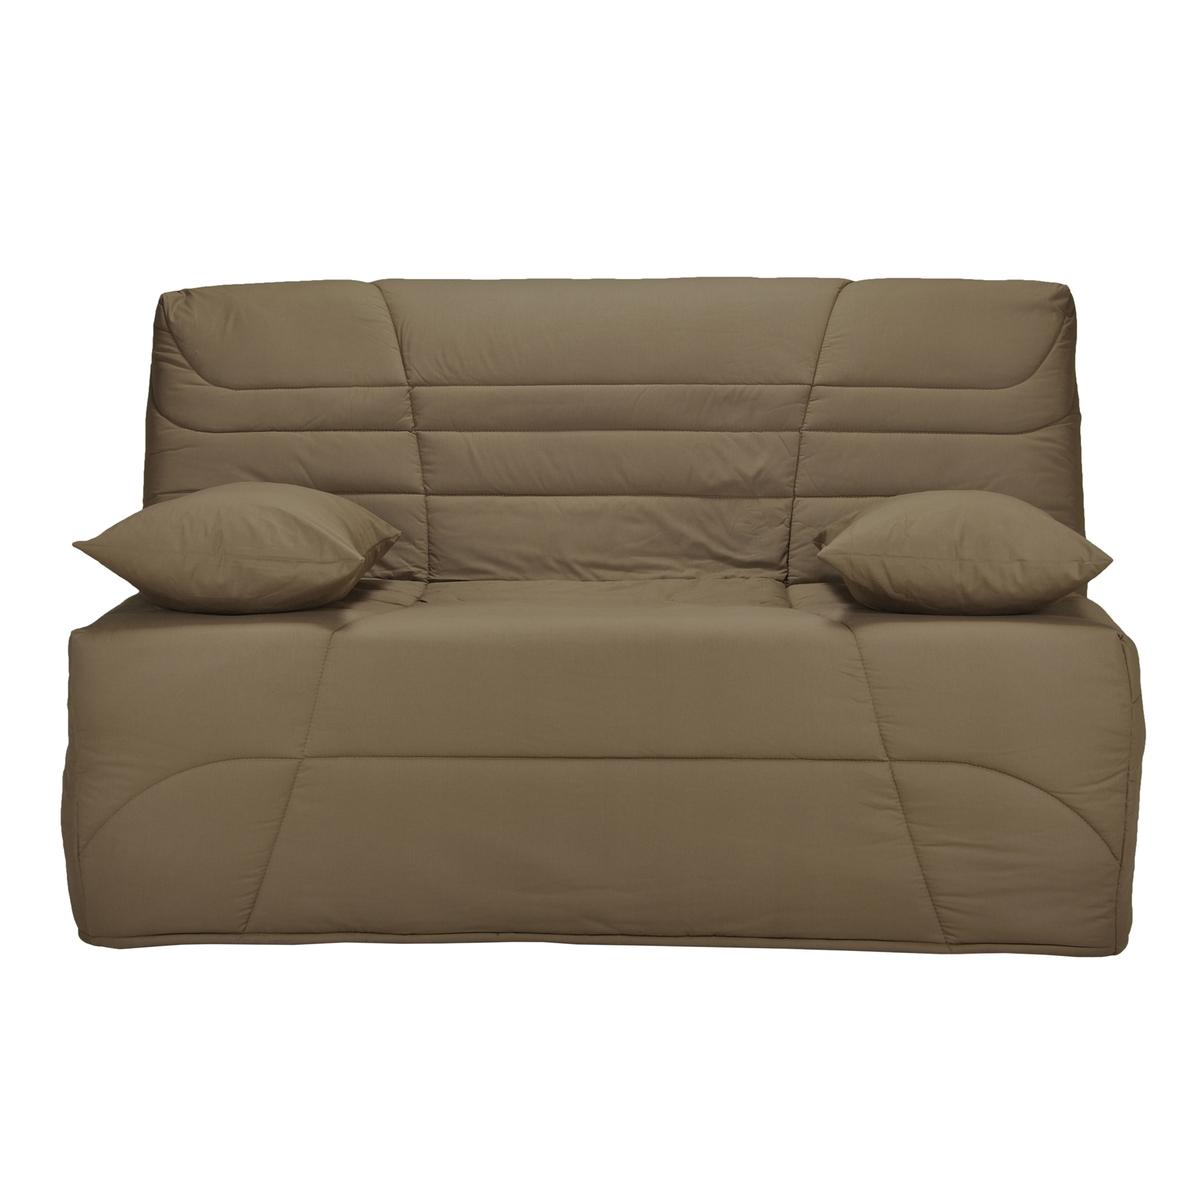 Чехол LaRedoute Для дивана-книжки толщина 14 см усовершенствованная модель 90 x 190 см каштановый